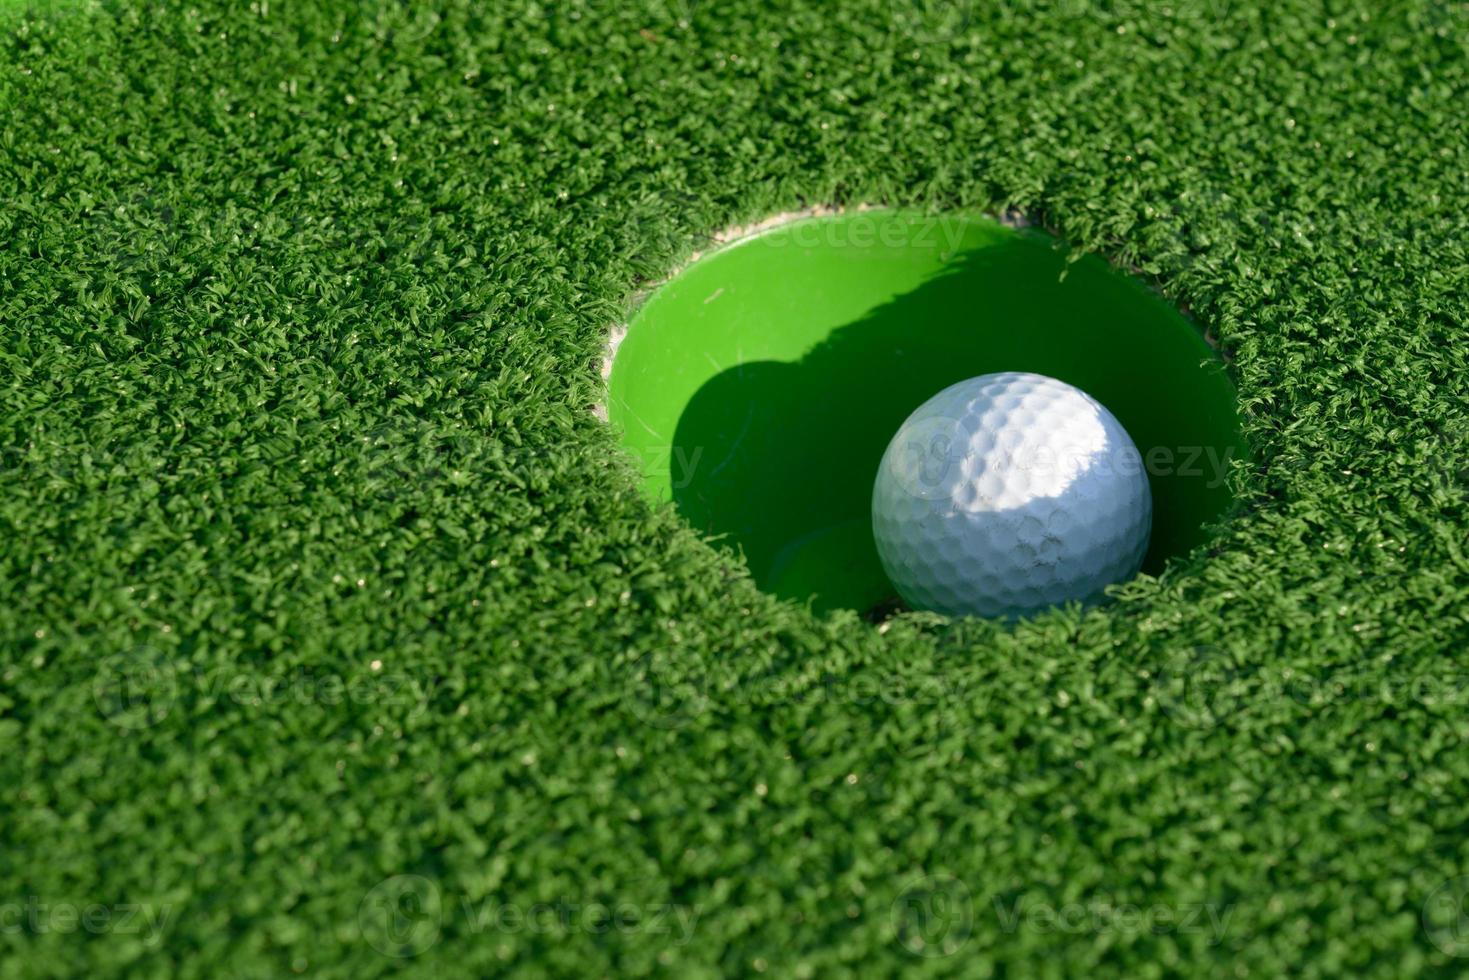 bola de minigolfe em um buraco foto